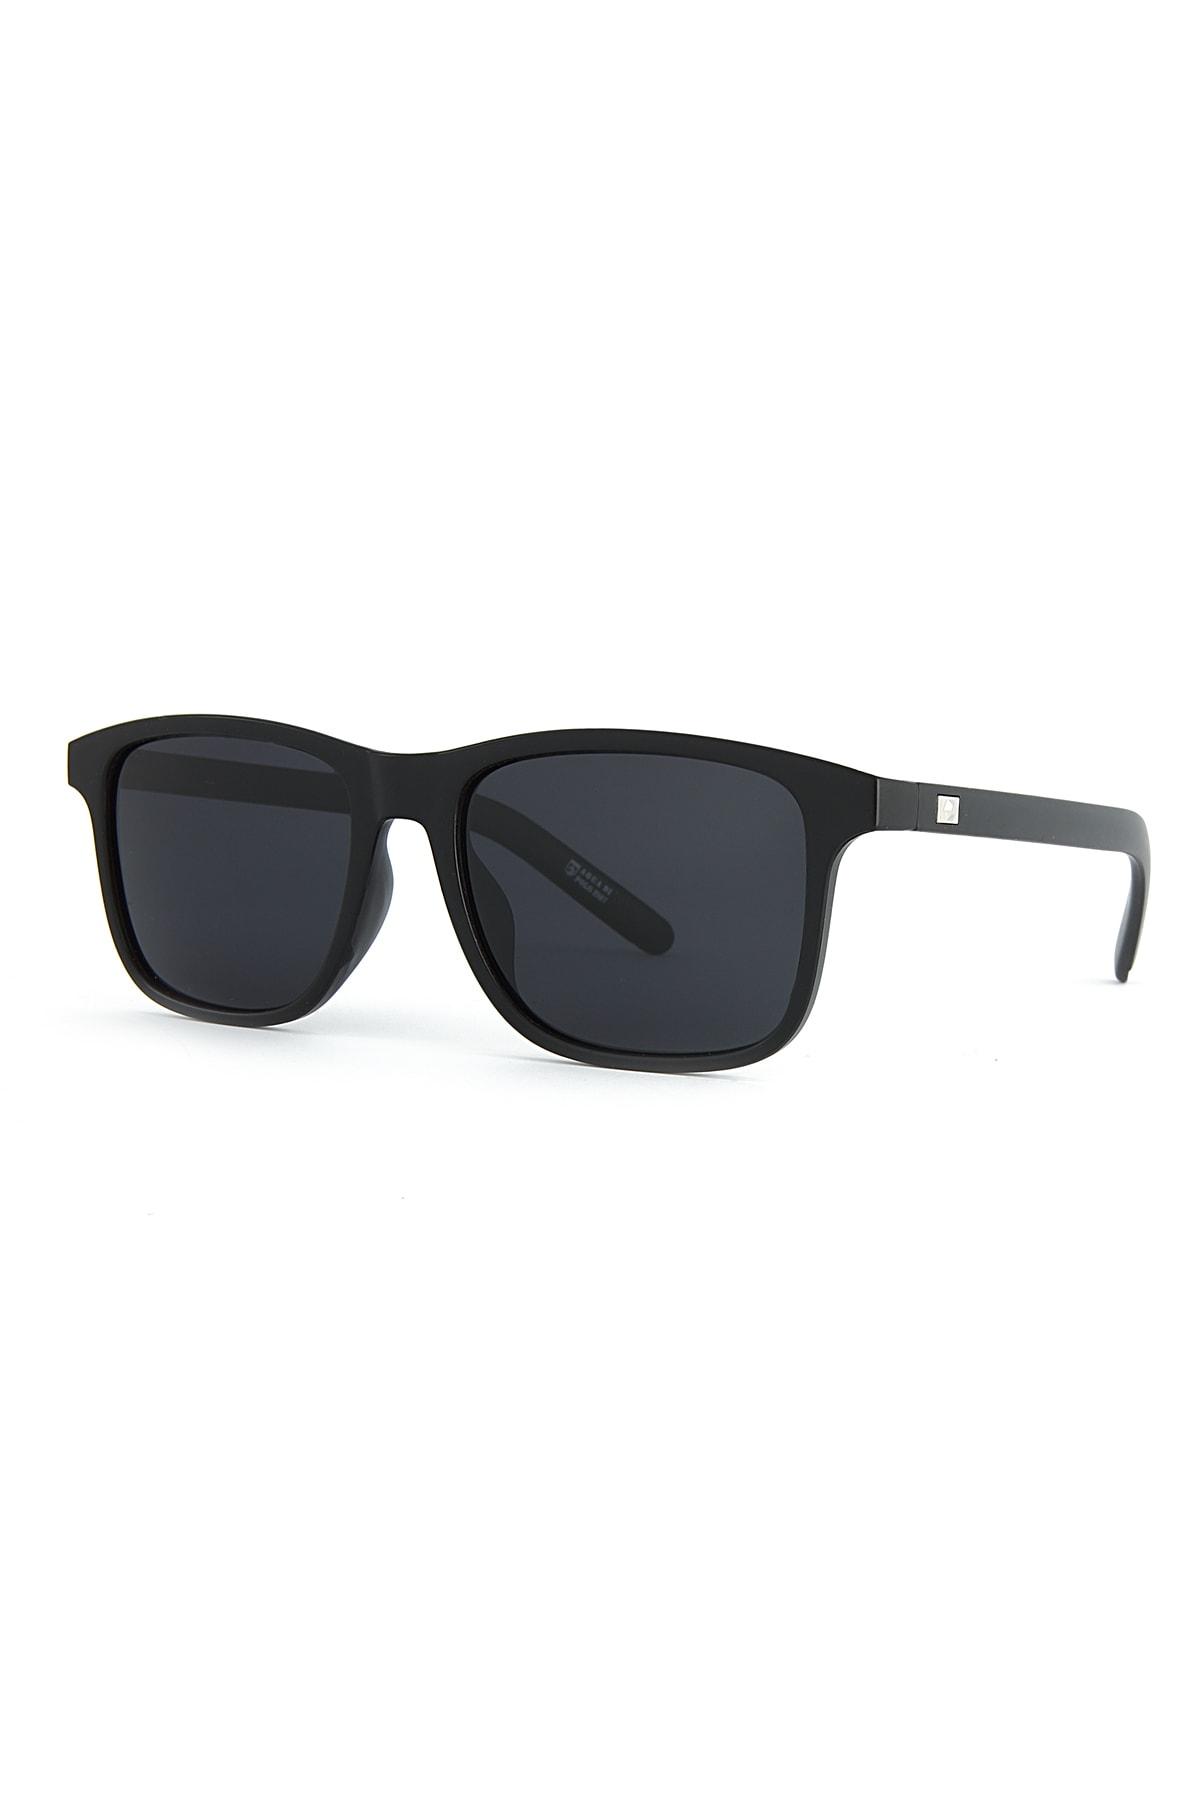 فروش عینک آفتابی مردانه حراجی مارک Aqua Di Polo 1987 رنگ مشکی کد ty89035348